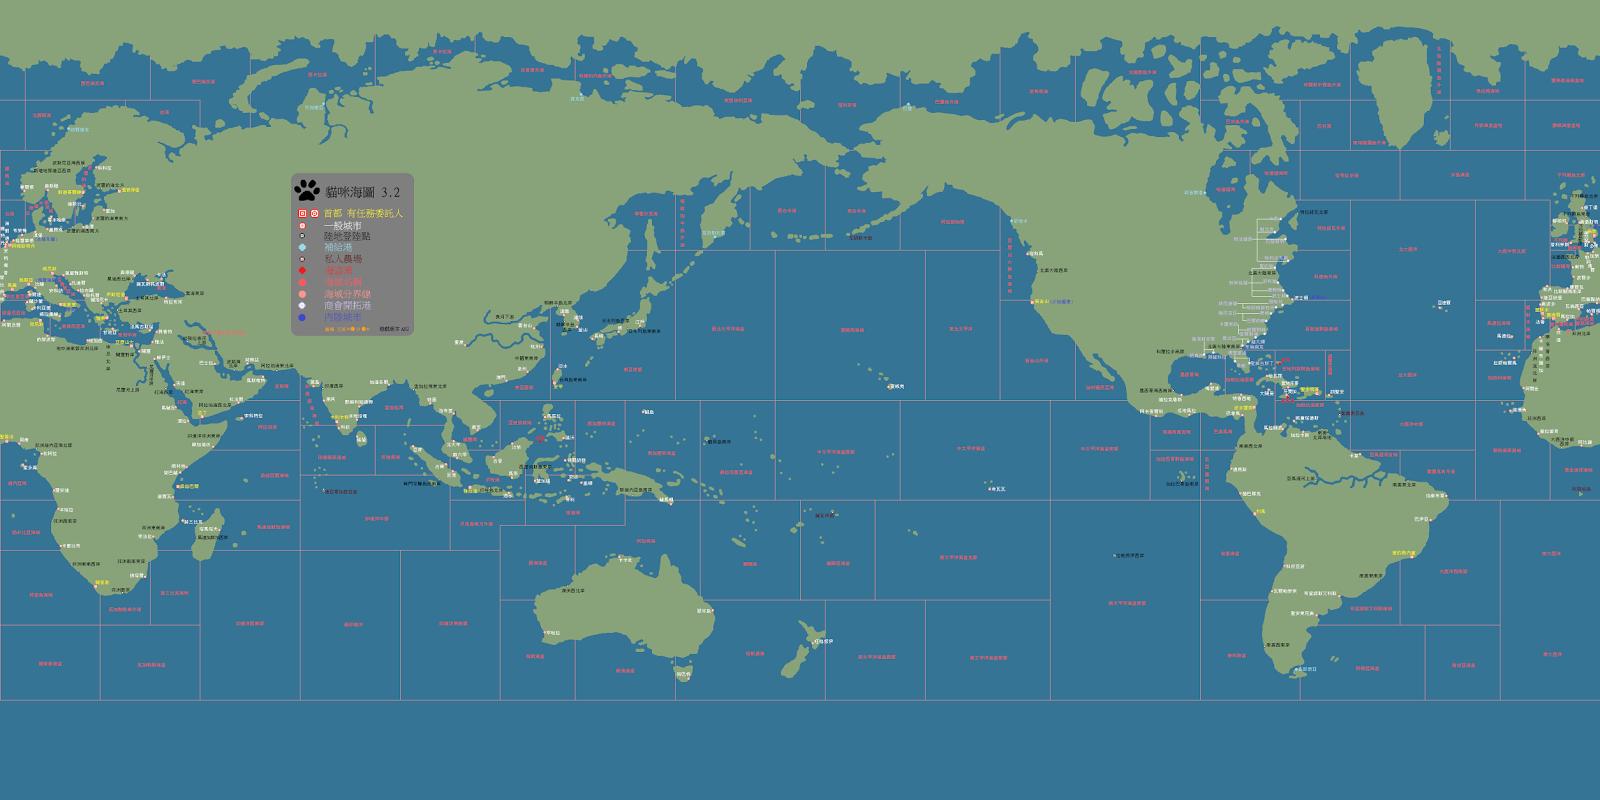 大航海時代Online海圖&地圖總匯